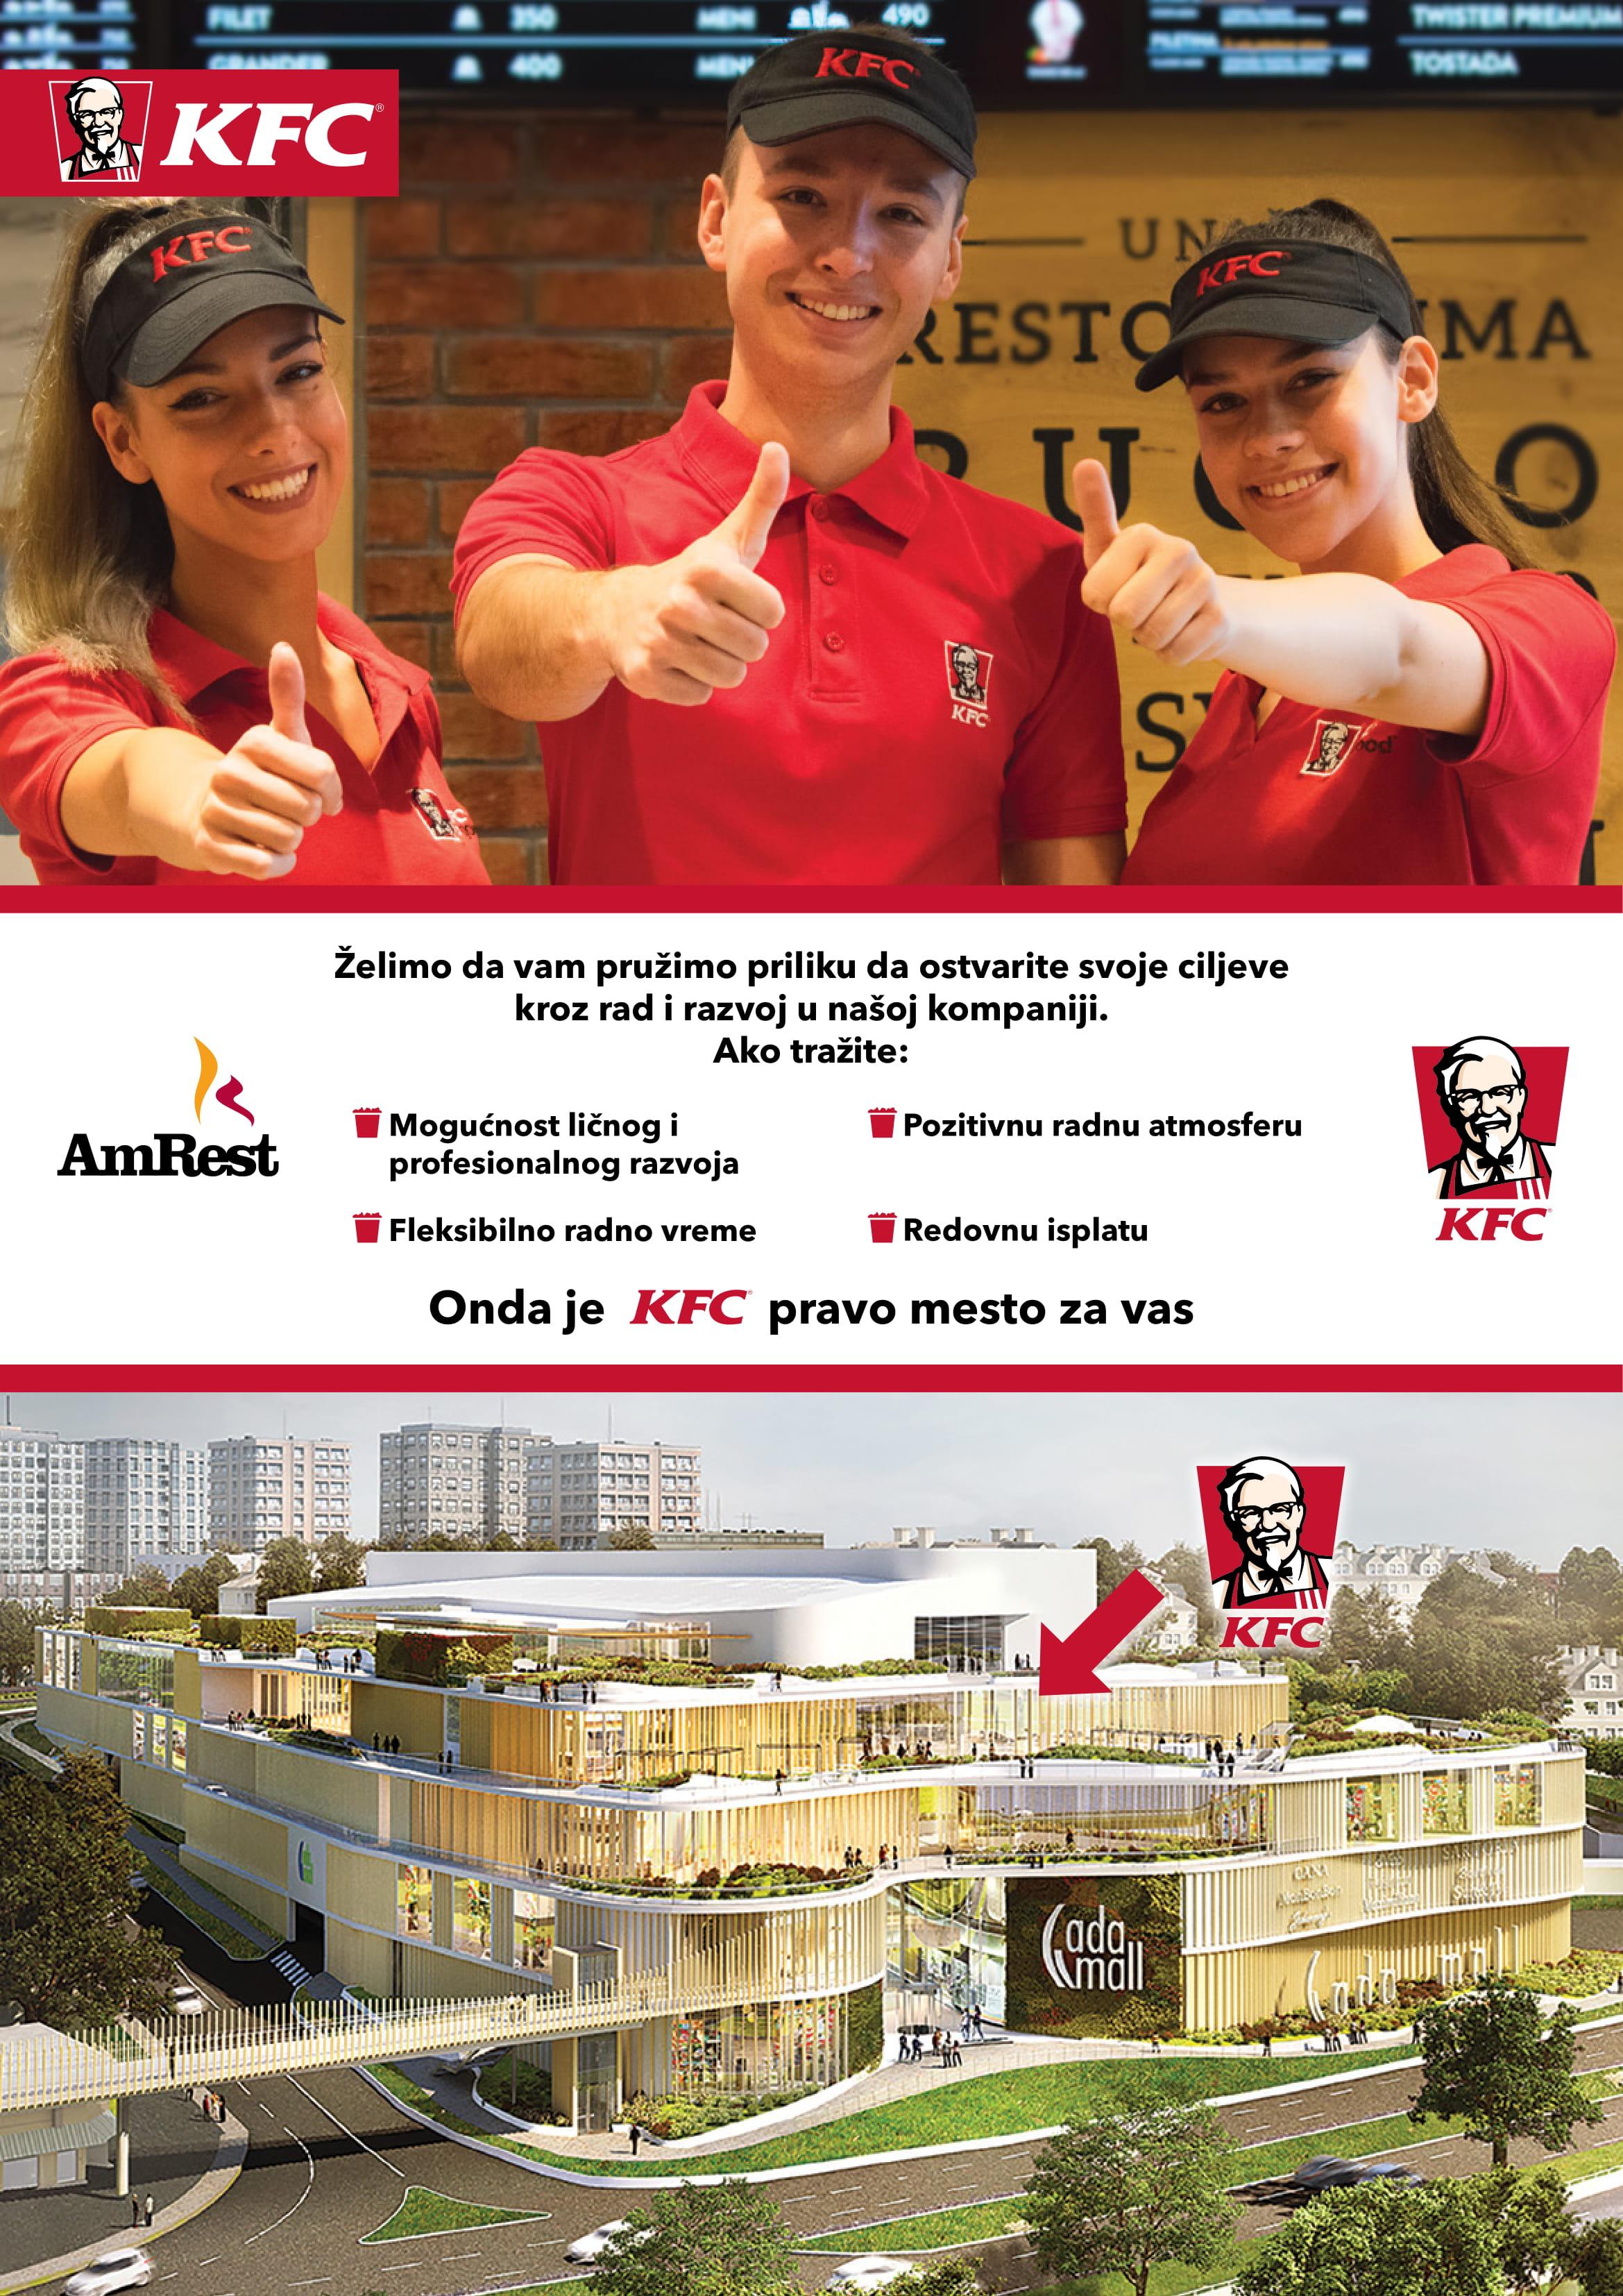 Radnici u KFC restoranima